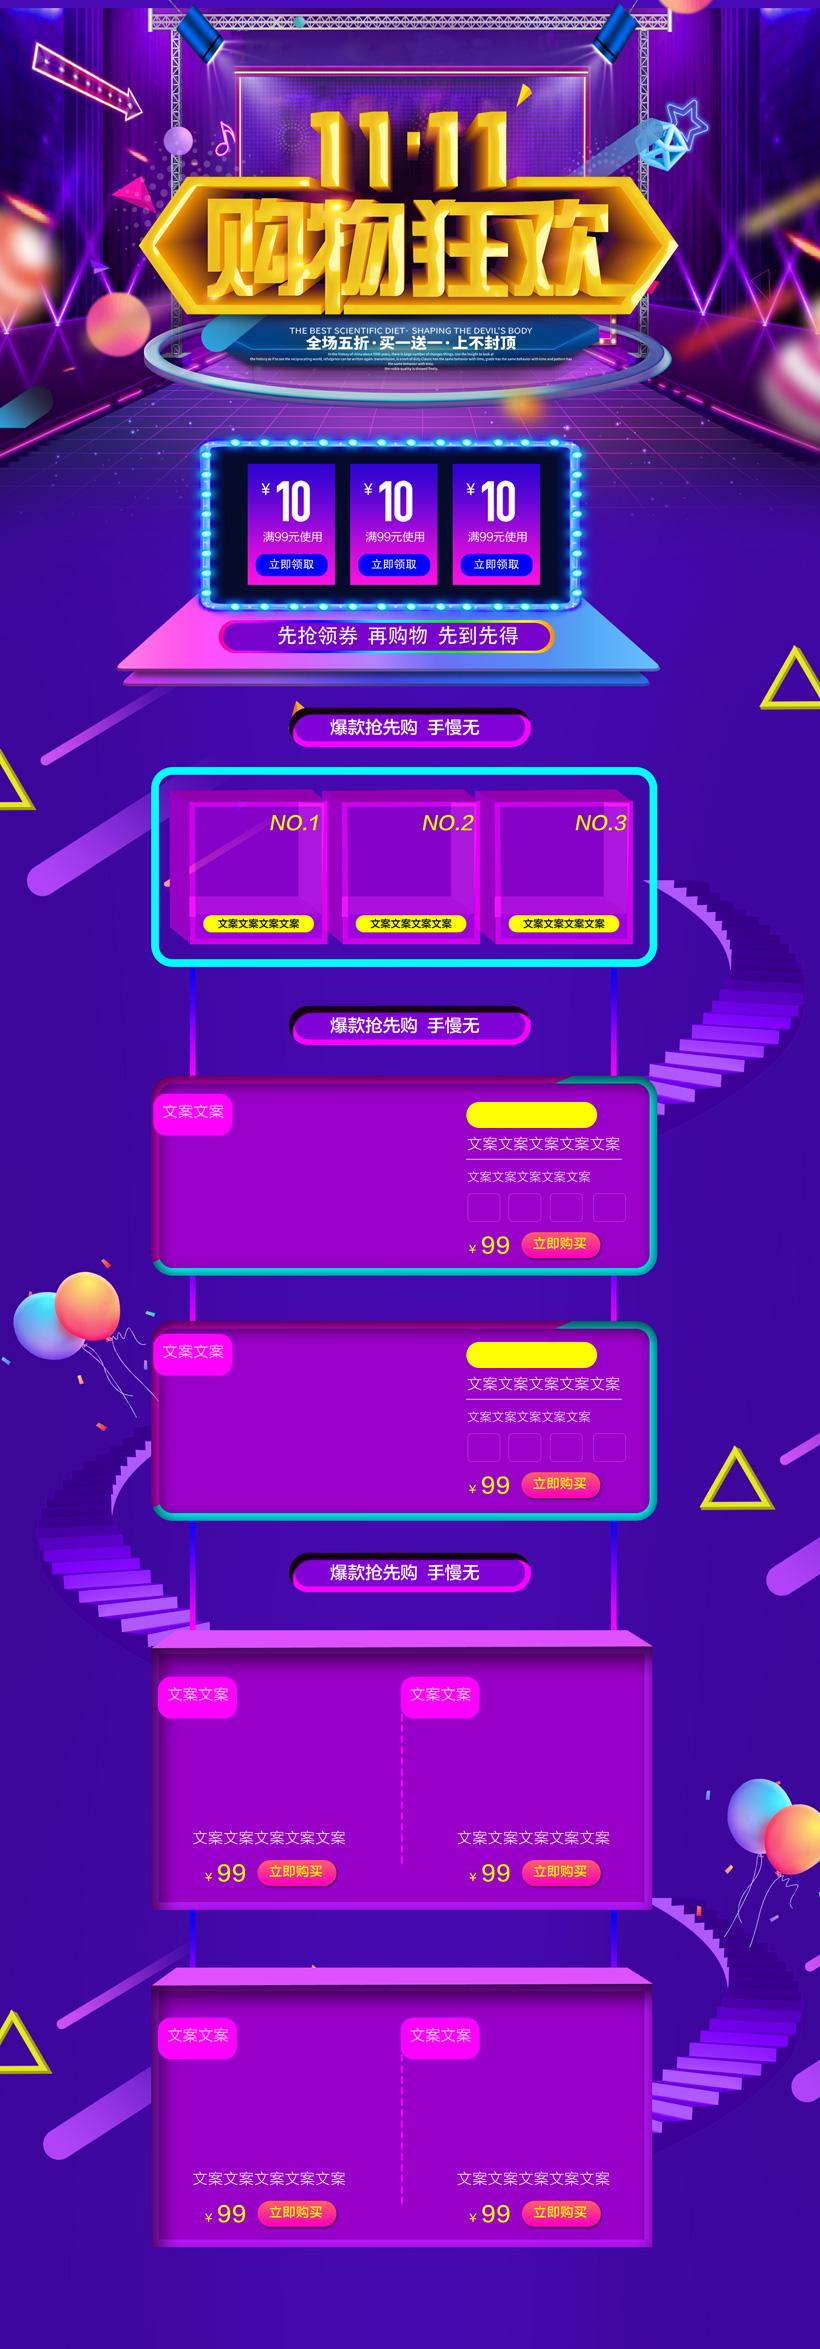 淘宝1111购物狂欢页面设计PSD素材